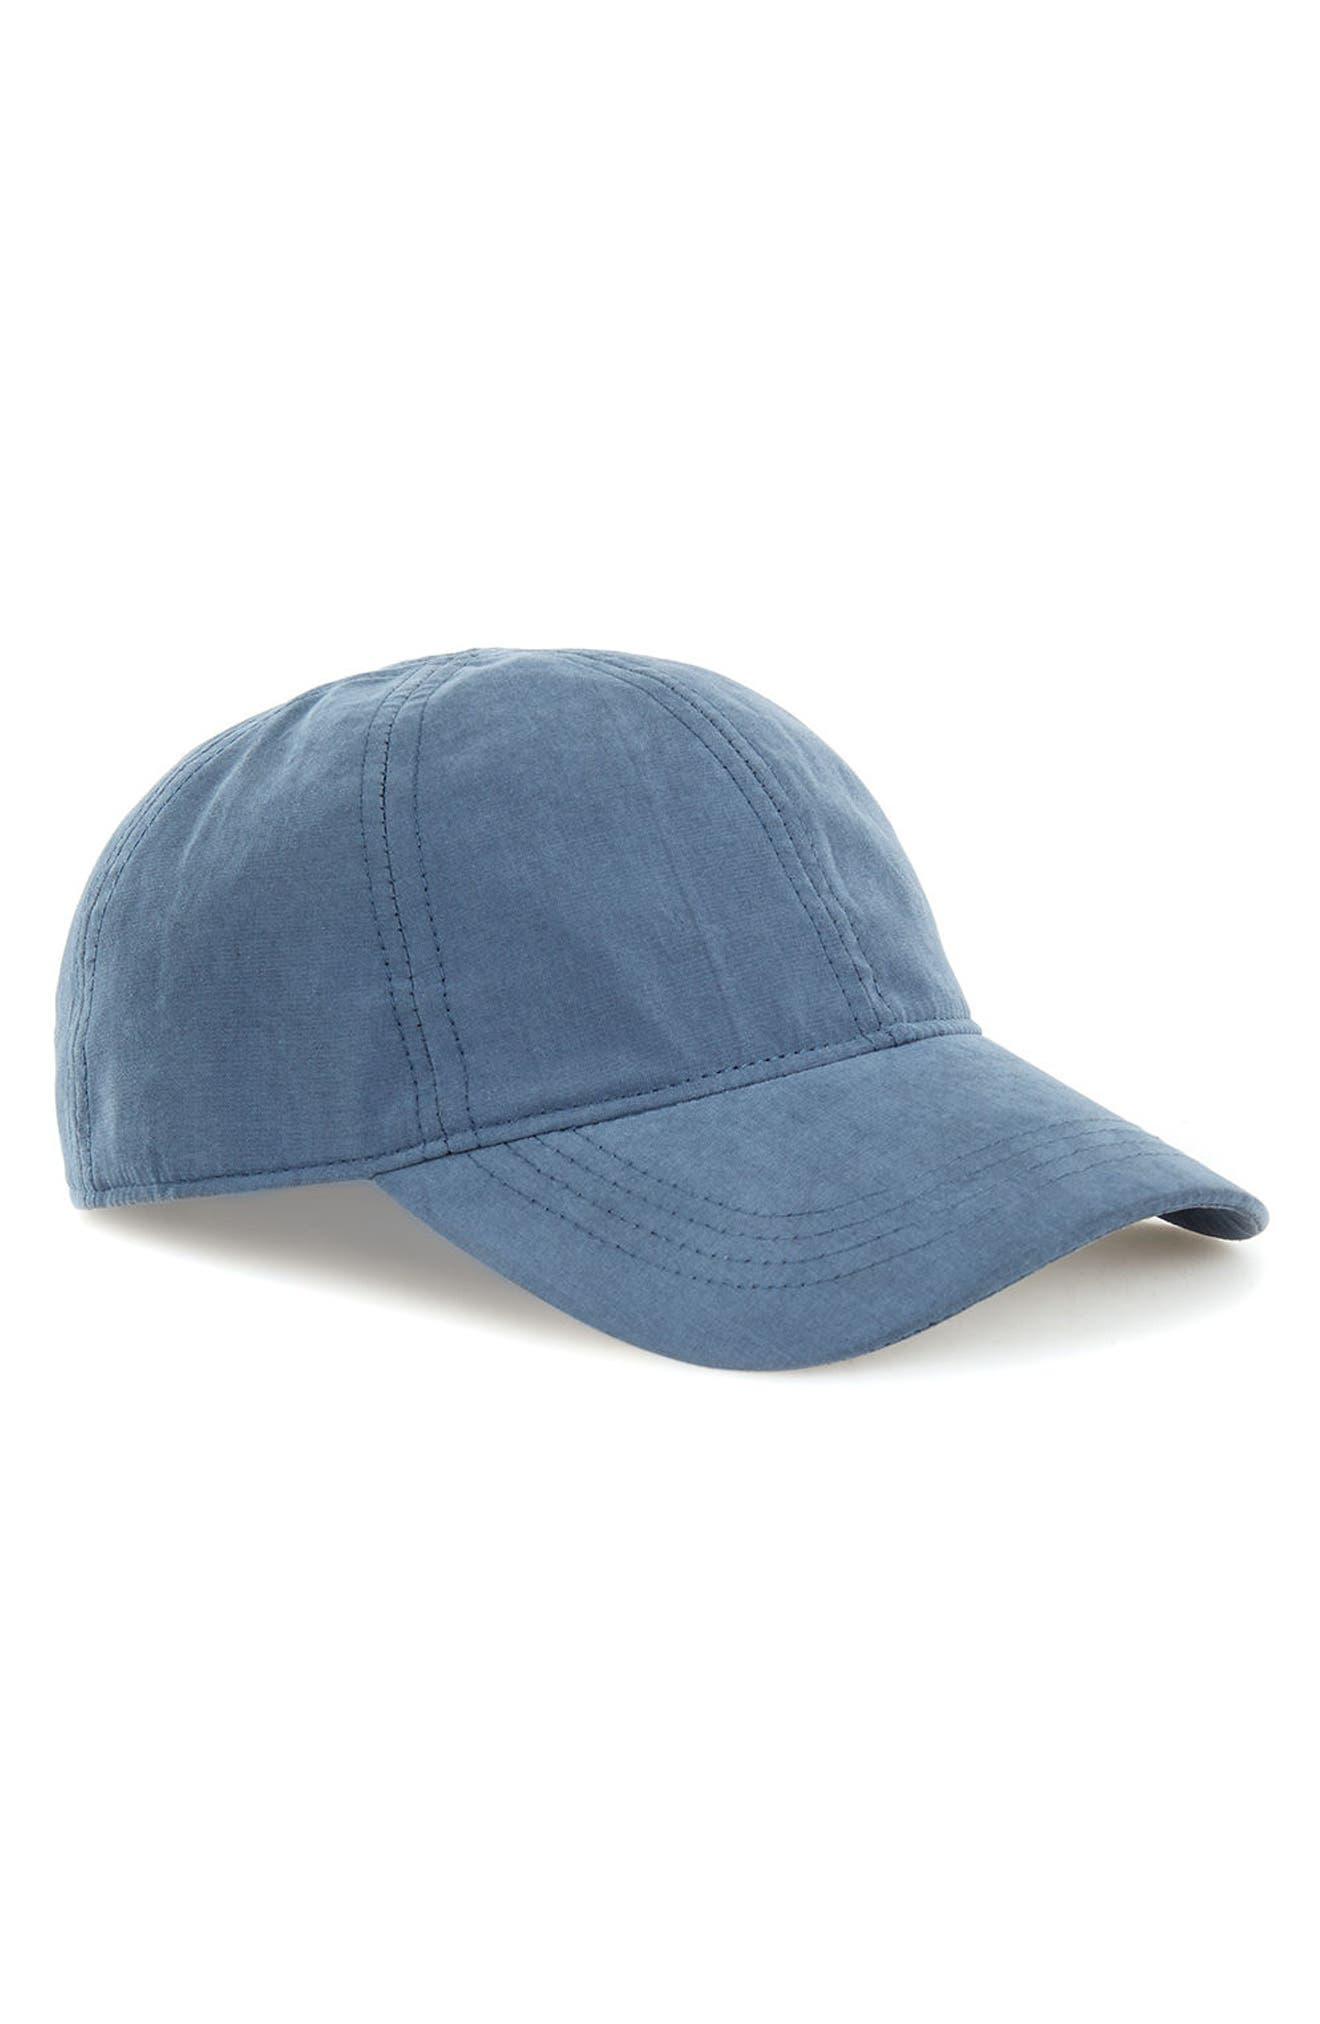 Topman Washout Ball Cap